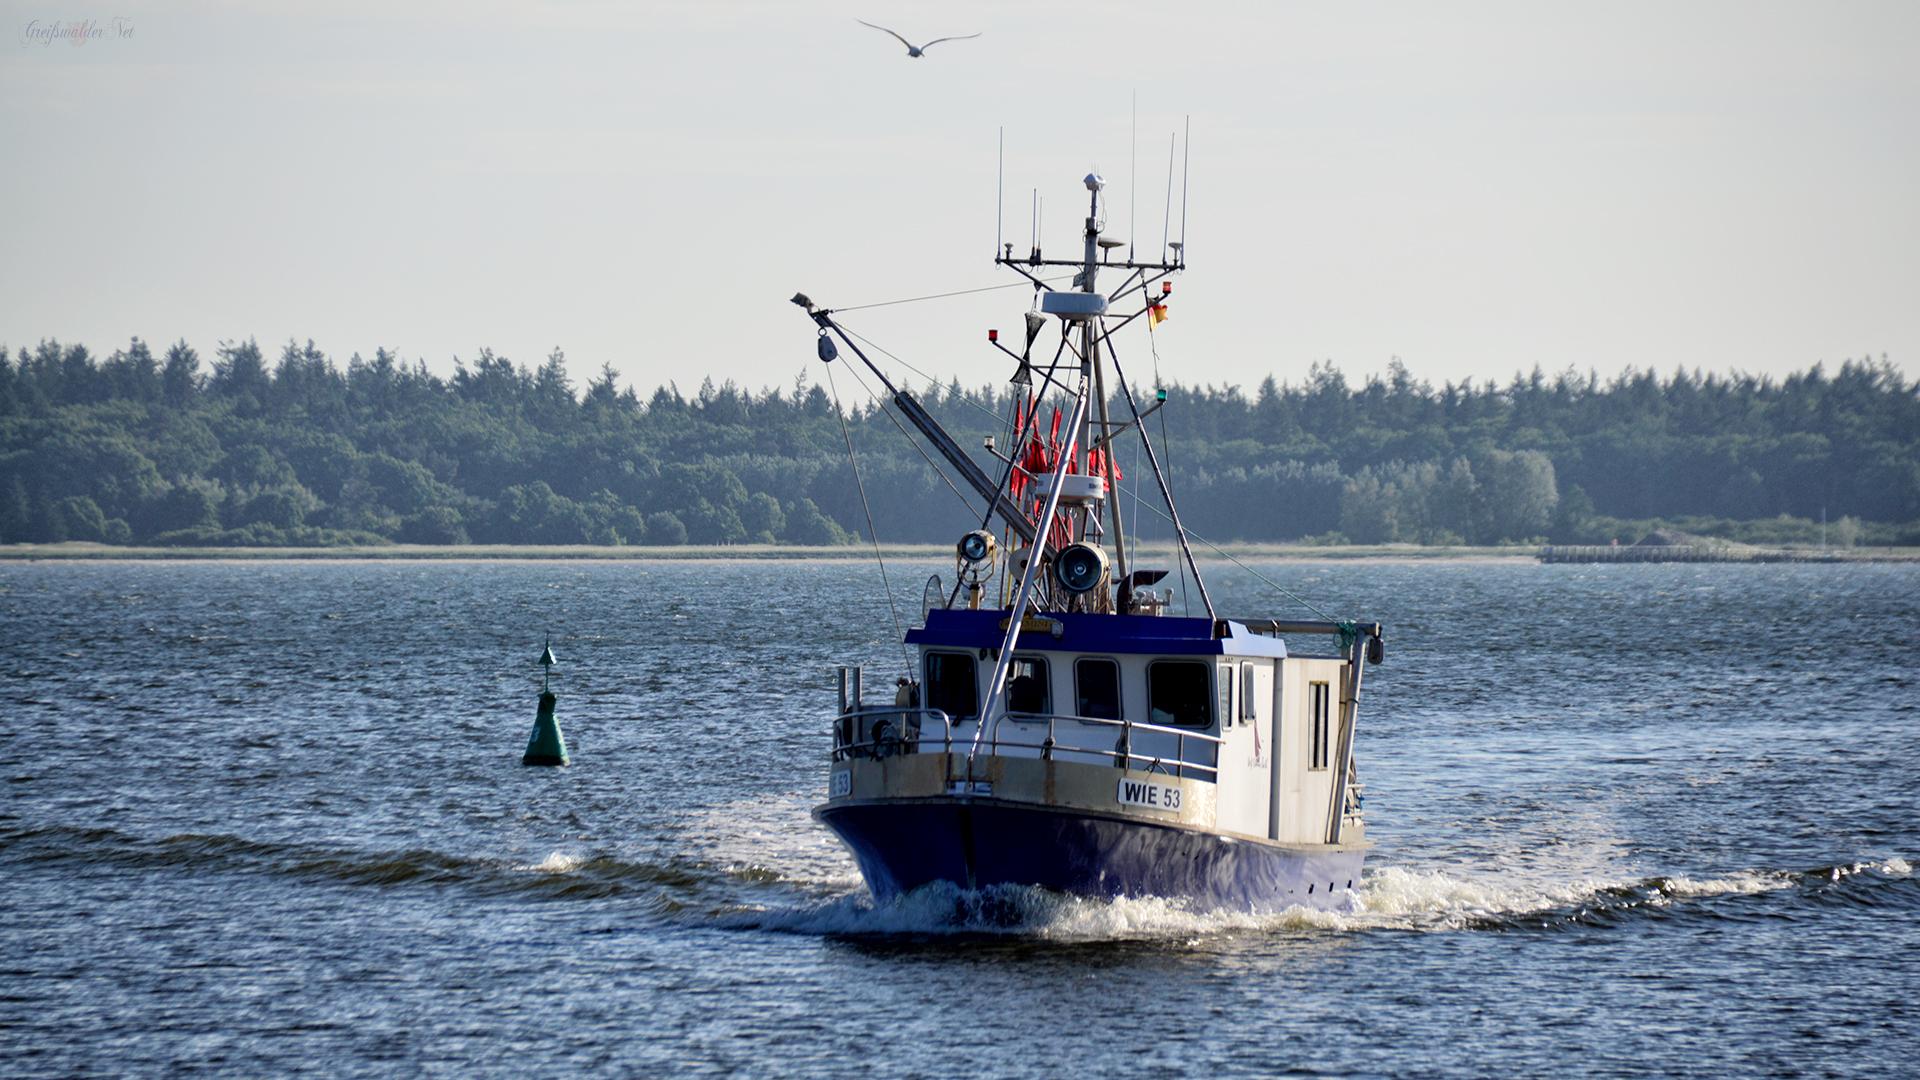 Dänische Wiek - Fischkutter